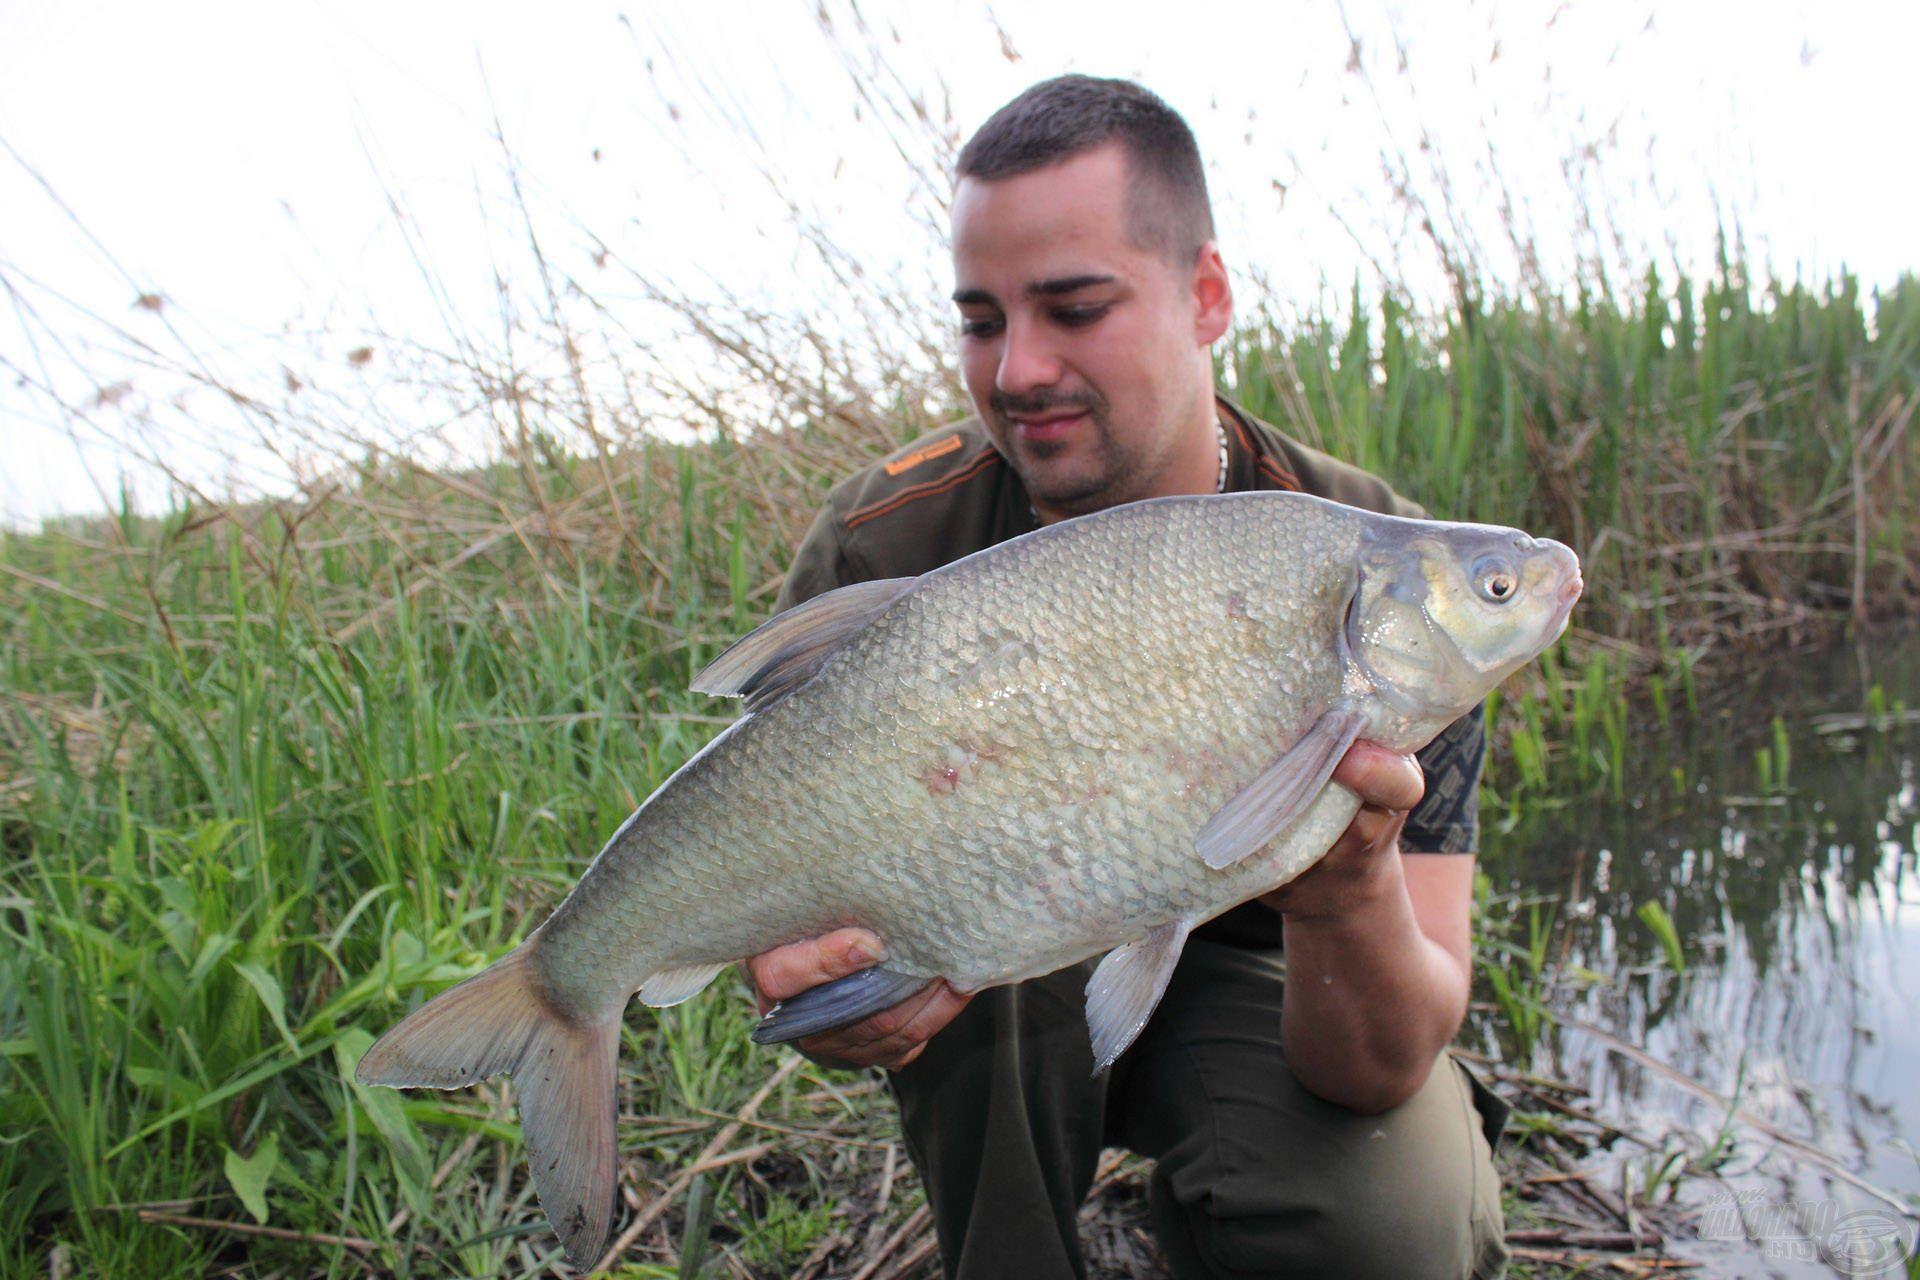 Az ilyen méretű dévérkeszegek megnehezítik a bojlis horgászatot, de egy kis ügyességgel kikerülhetők